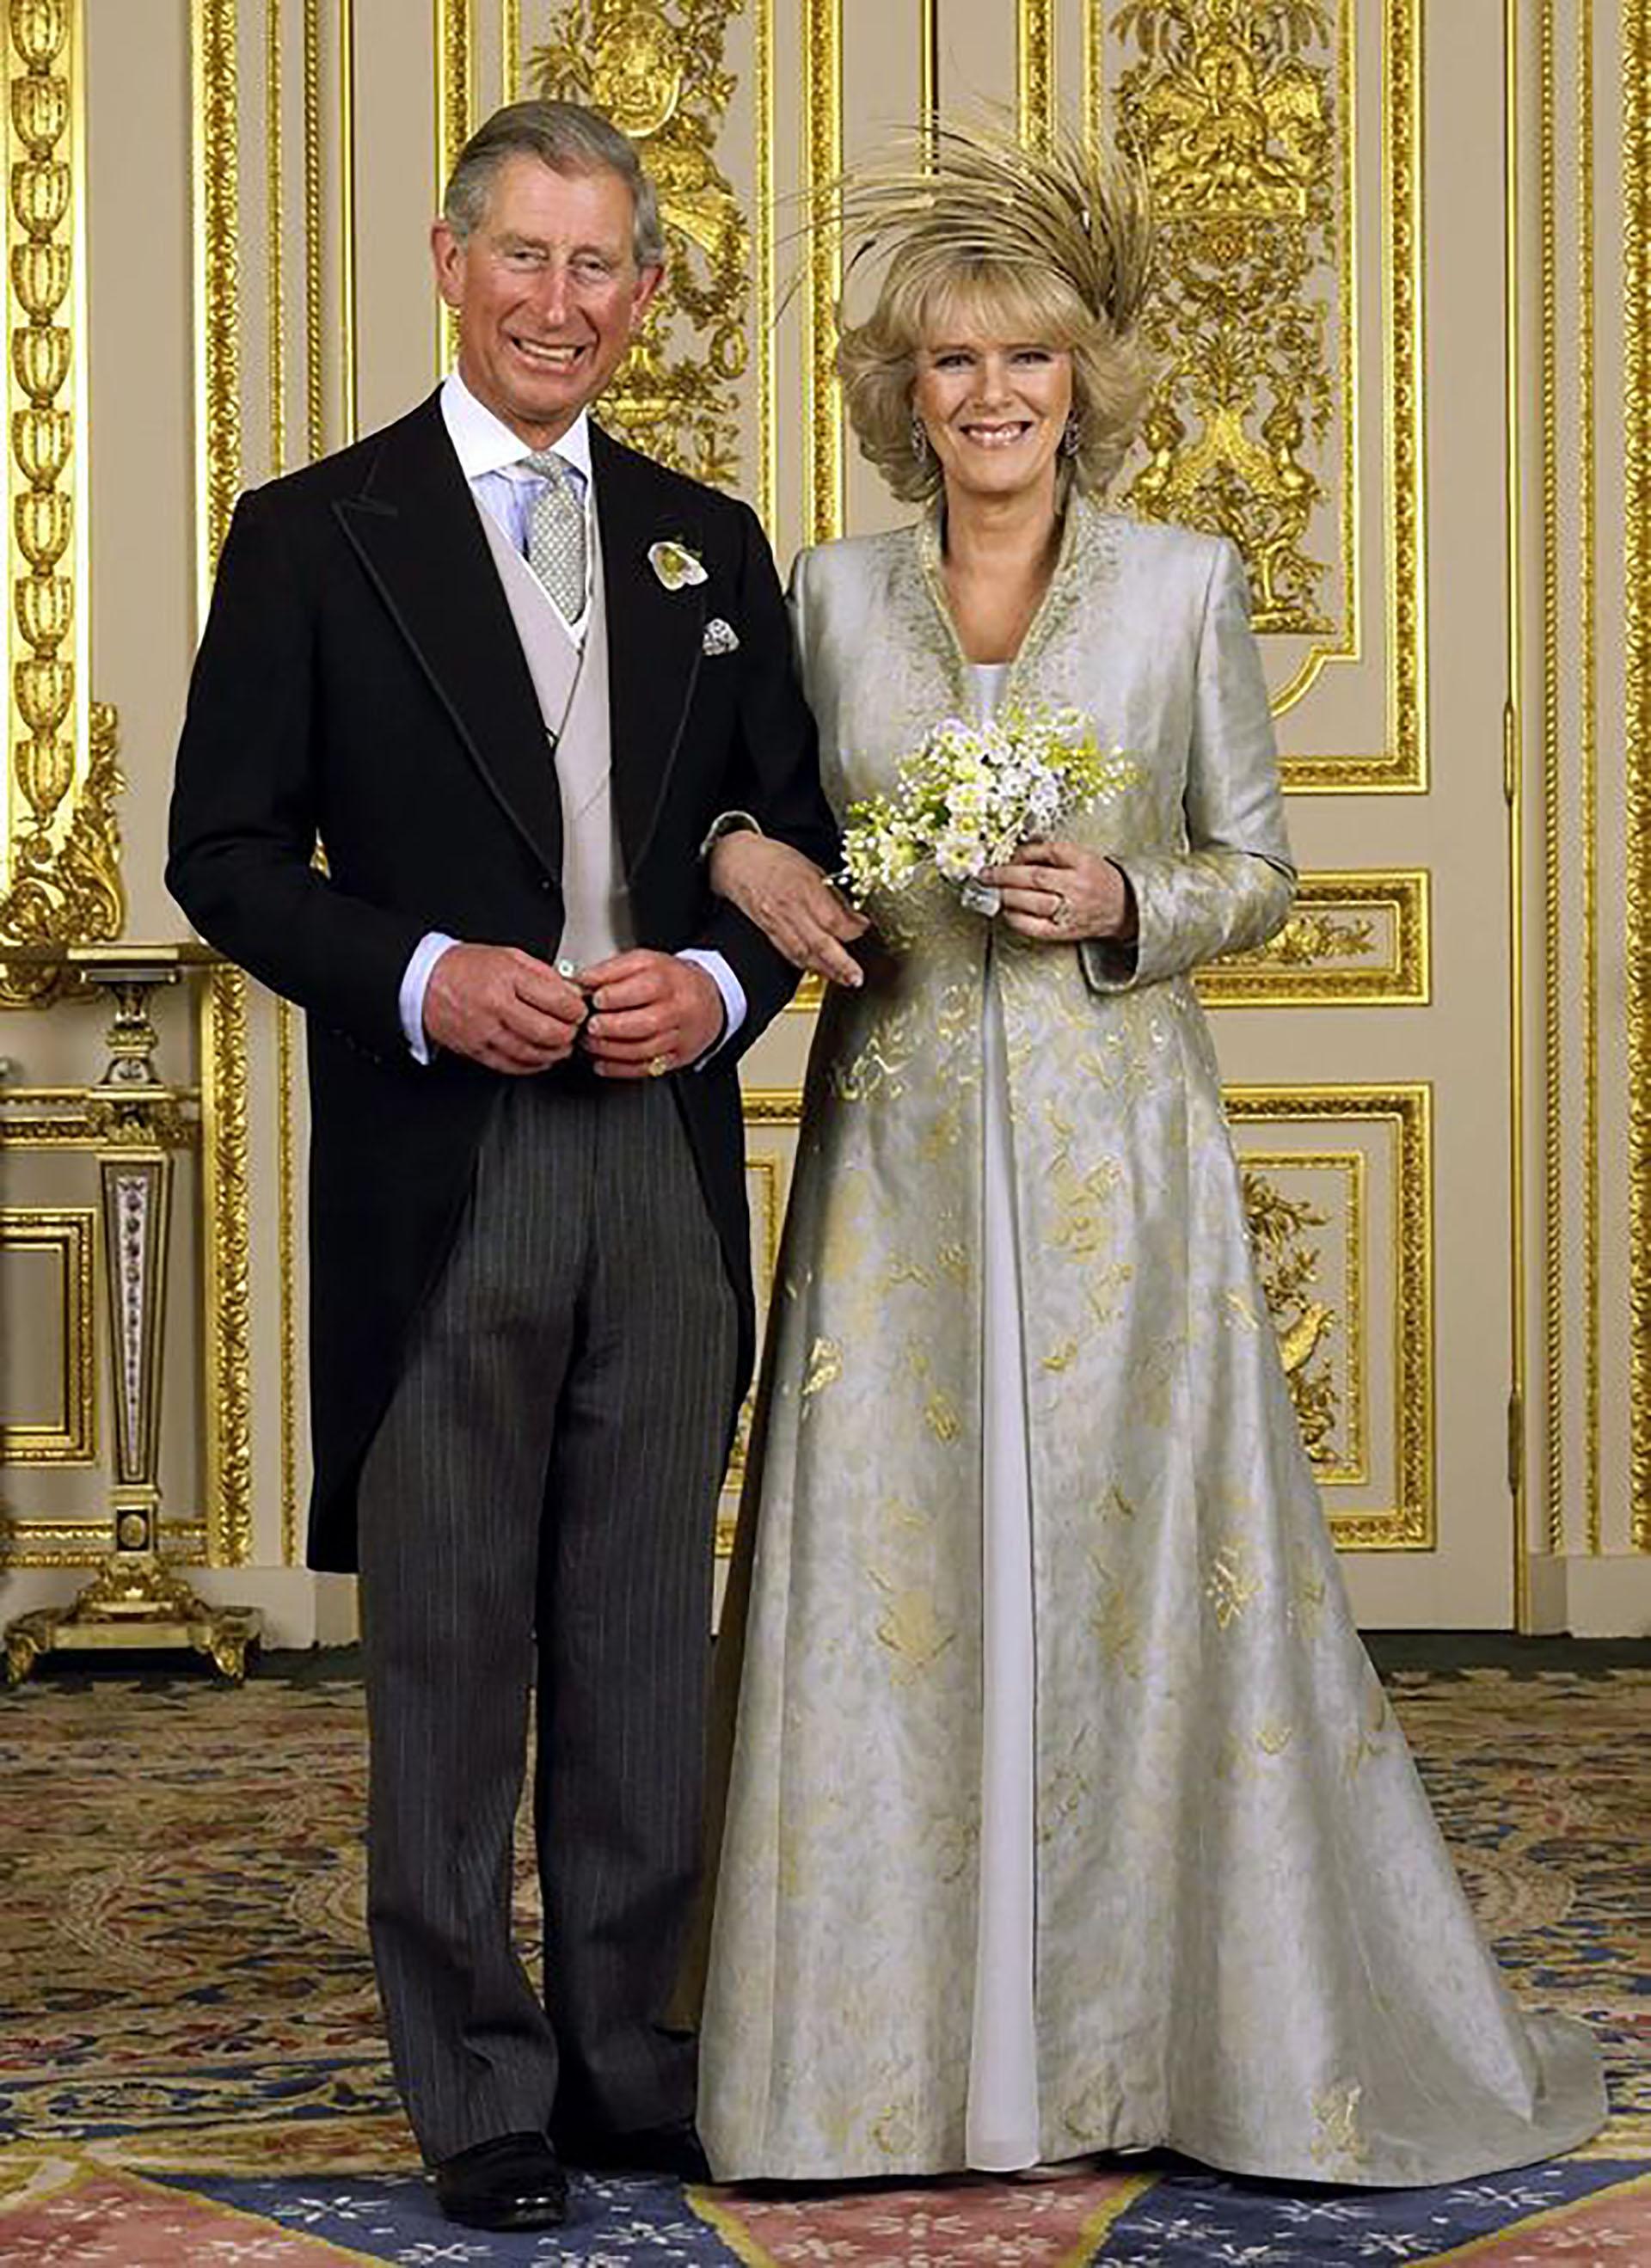 El príncipe Carlos y Camila el día de su casamiento, ella evitó el vestido blanco tradicional